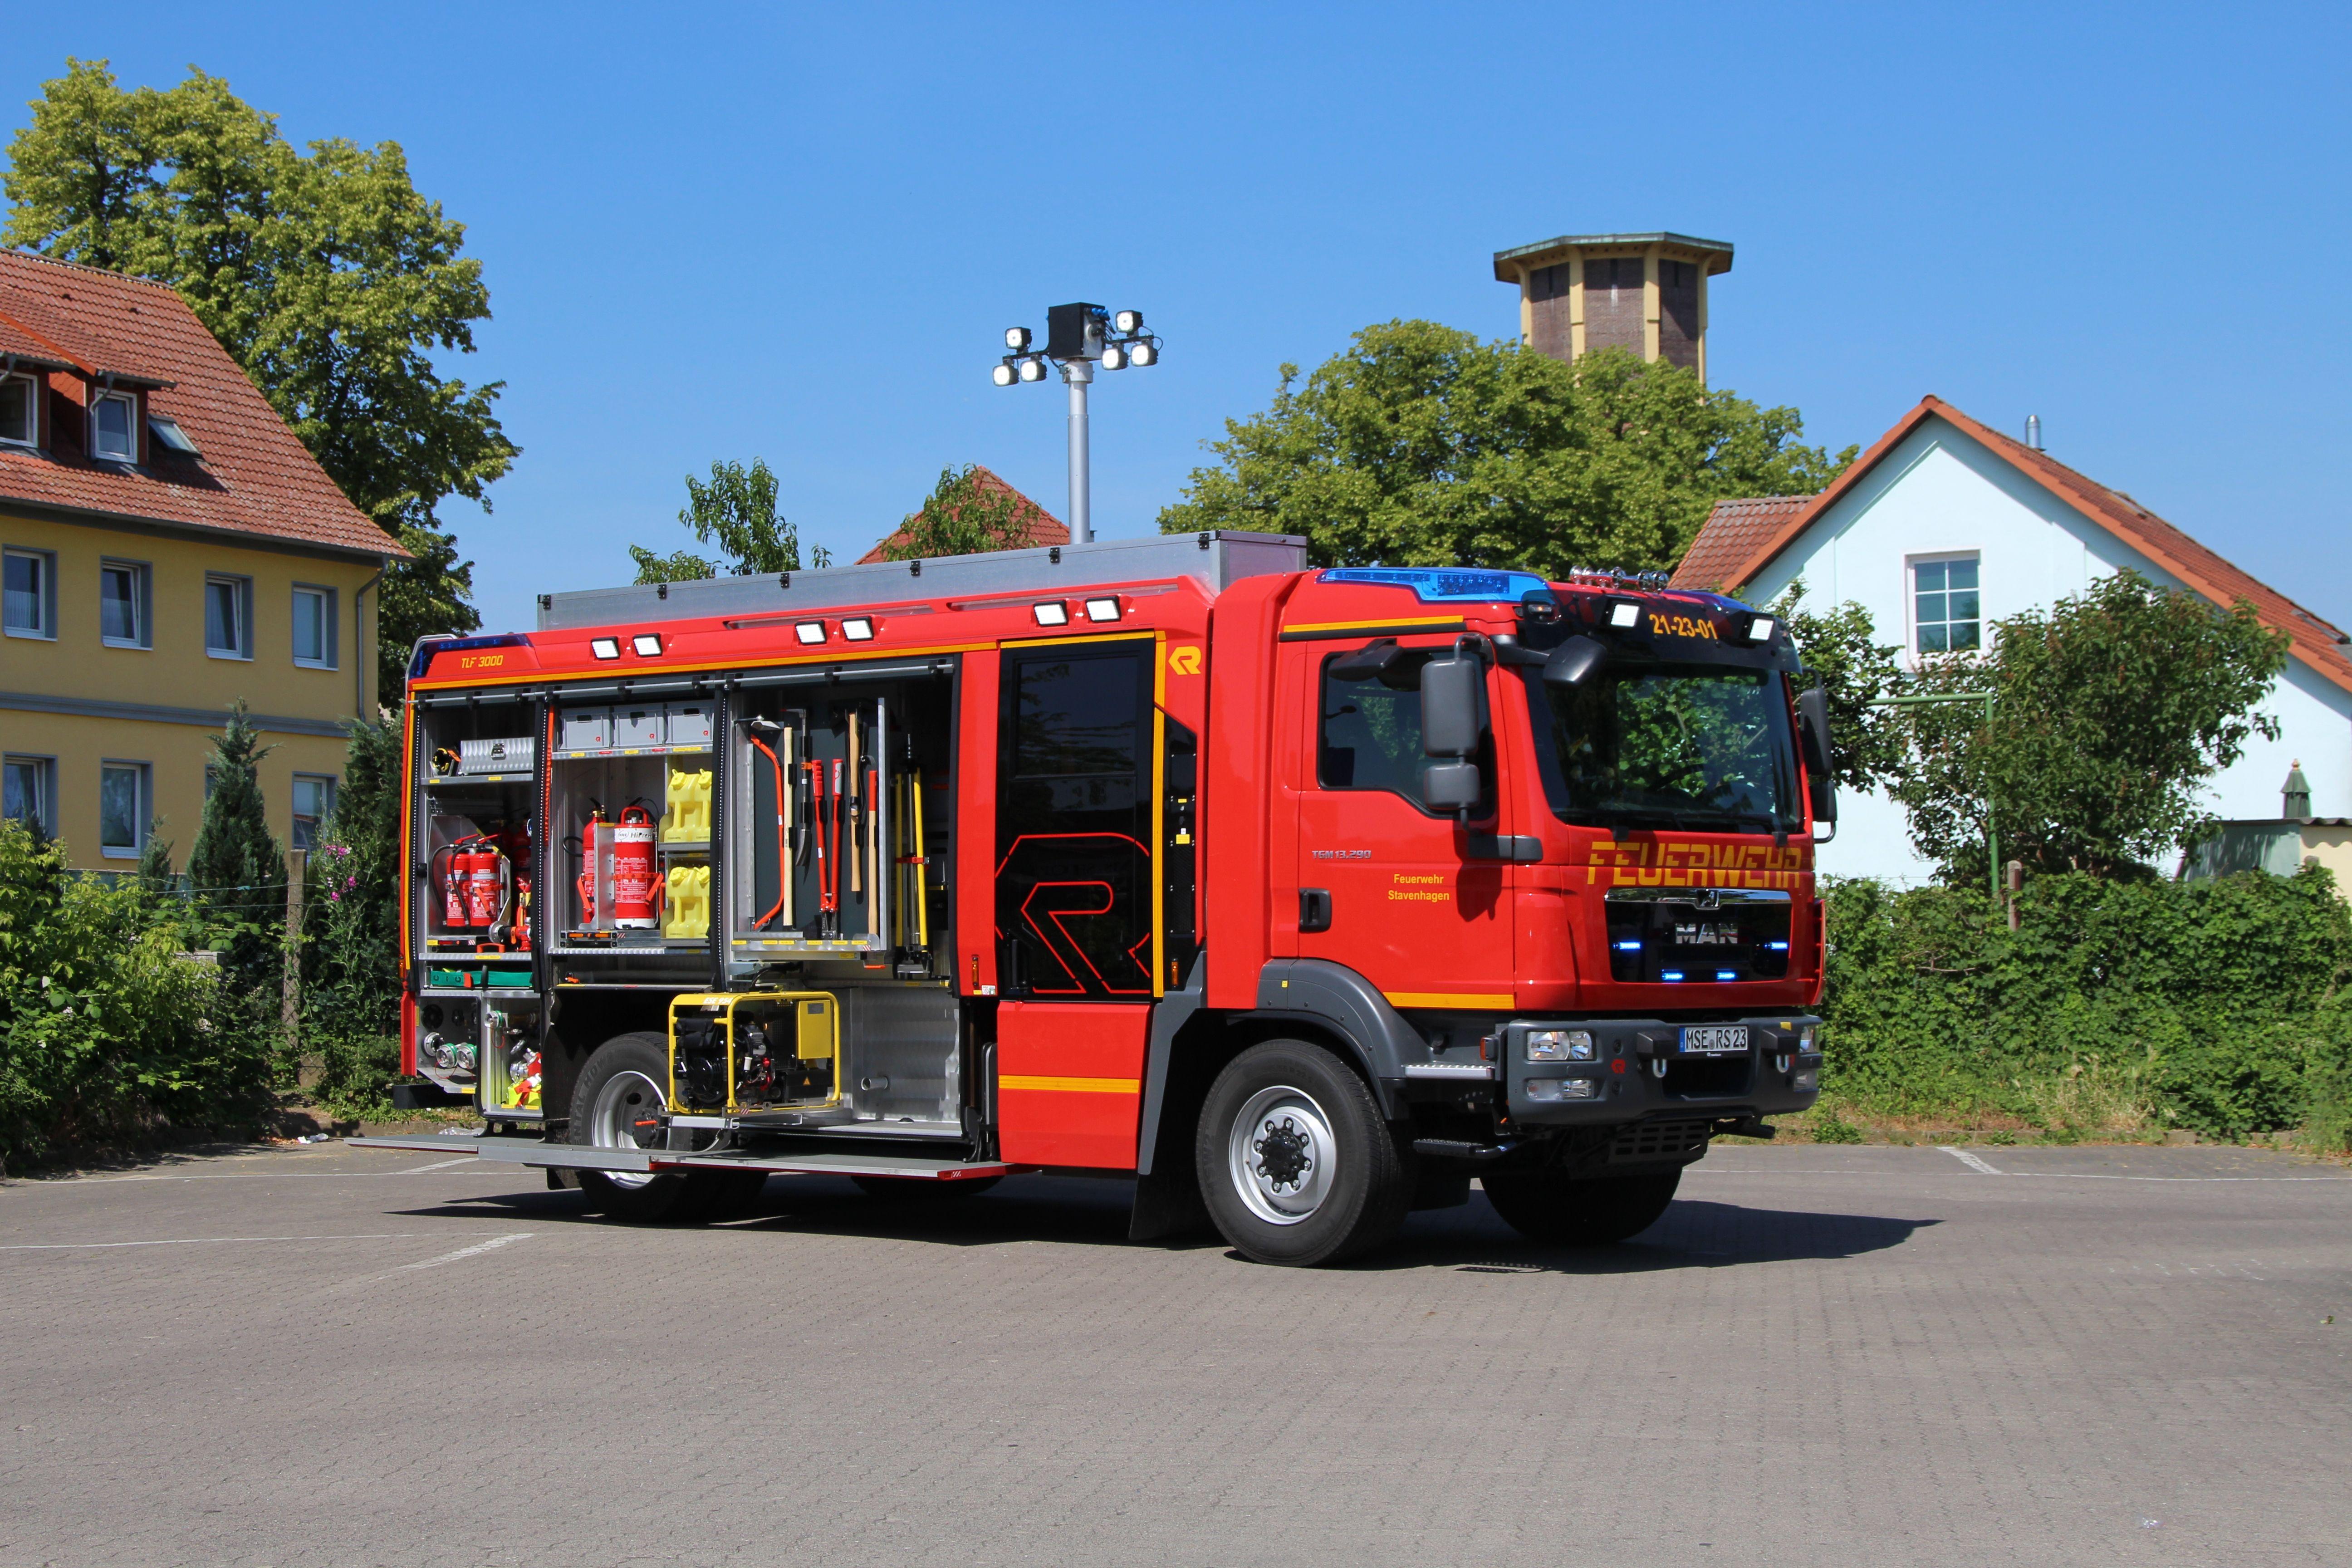 Aus Den Wehren Tlf 3000 Man Tgm 13 290 4x4 Rosenbauer Ein Vorgangerfahrzeug Aus Dem Jahr 1996 Ersetzte Die Feuerwehr Magazin Feuerwehrauto Feuerwehr Fahrzeuge